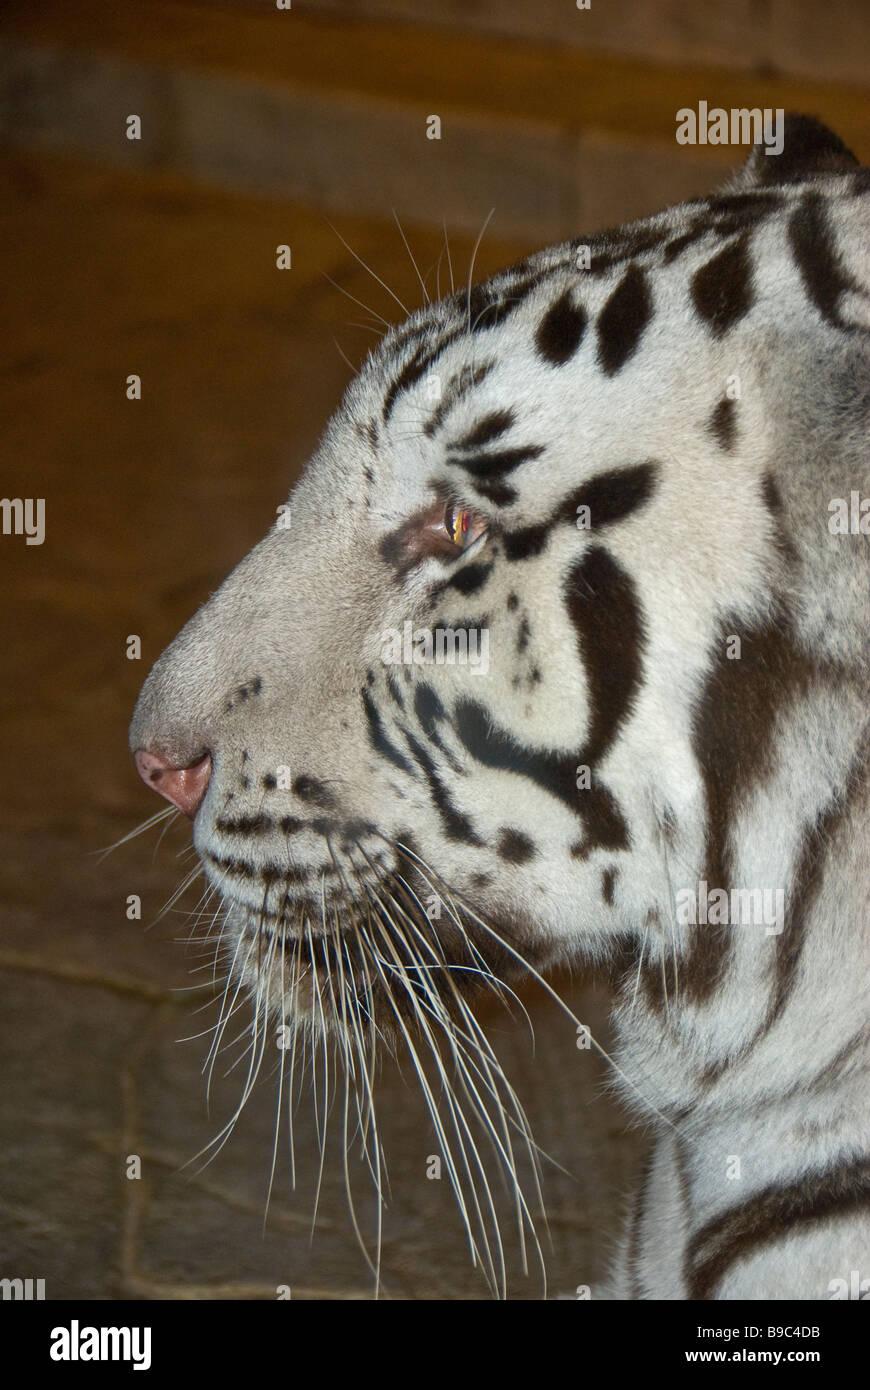 White tiger facial portrait closeup wild animal Houston Downtown Aquarium Texas - Stock Image